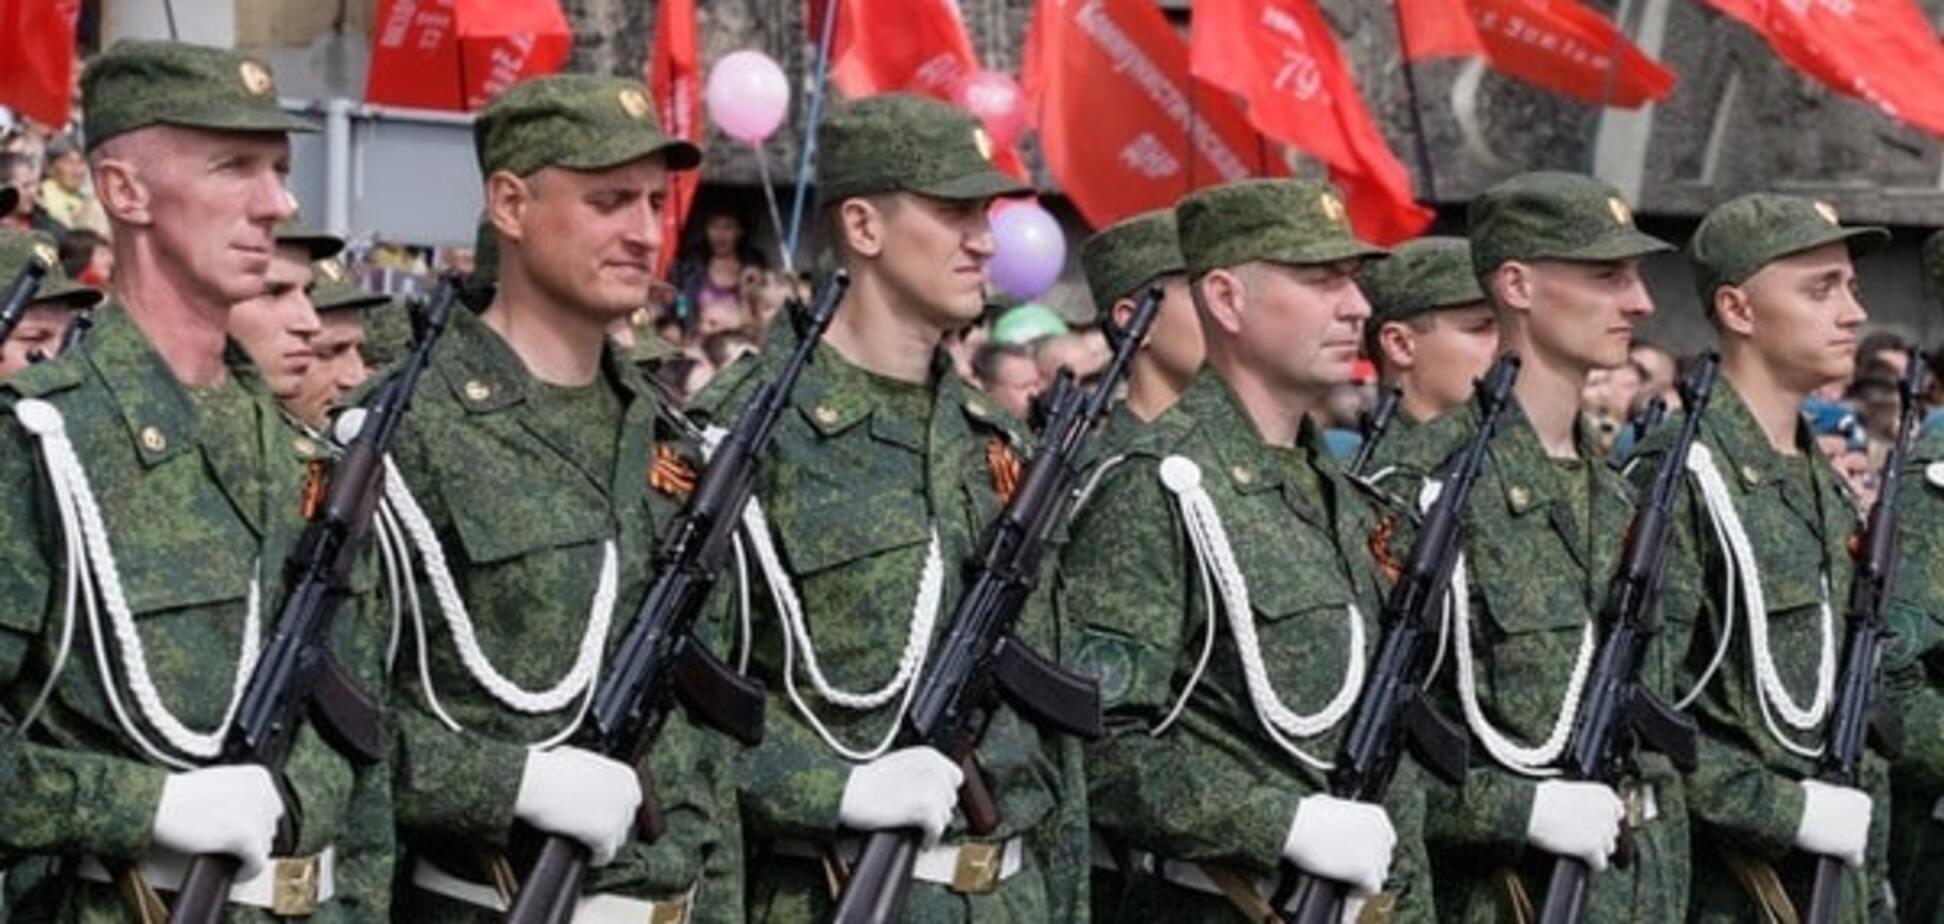 'Бандити - вони і в Африці бандити': Тимчук розповів про спроби терористів створити 'регулярну армію'